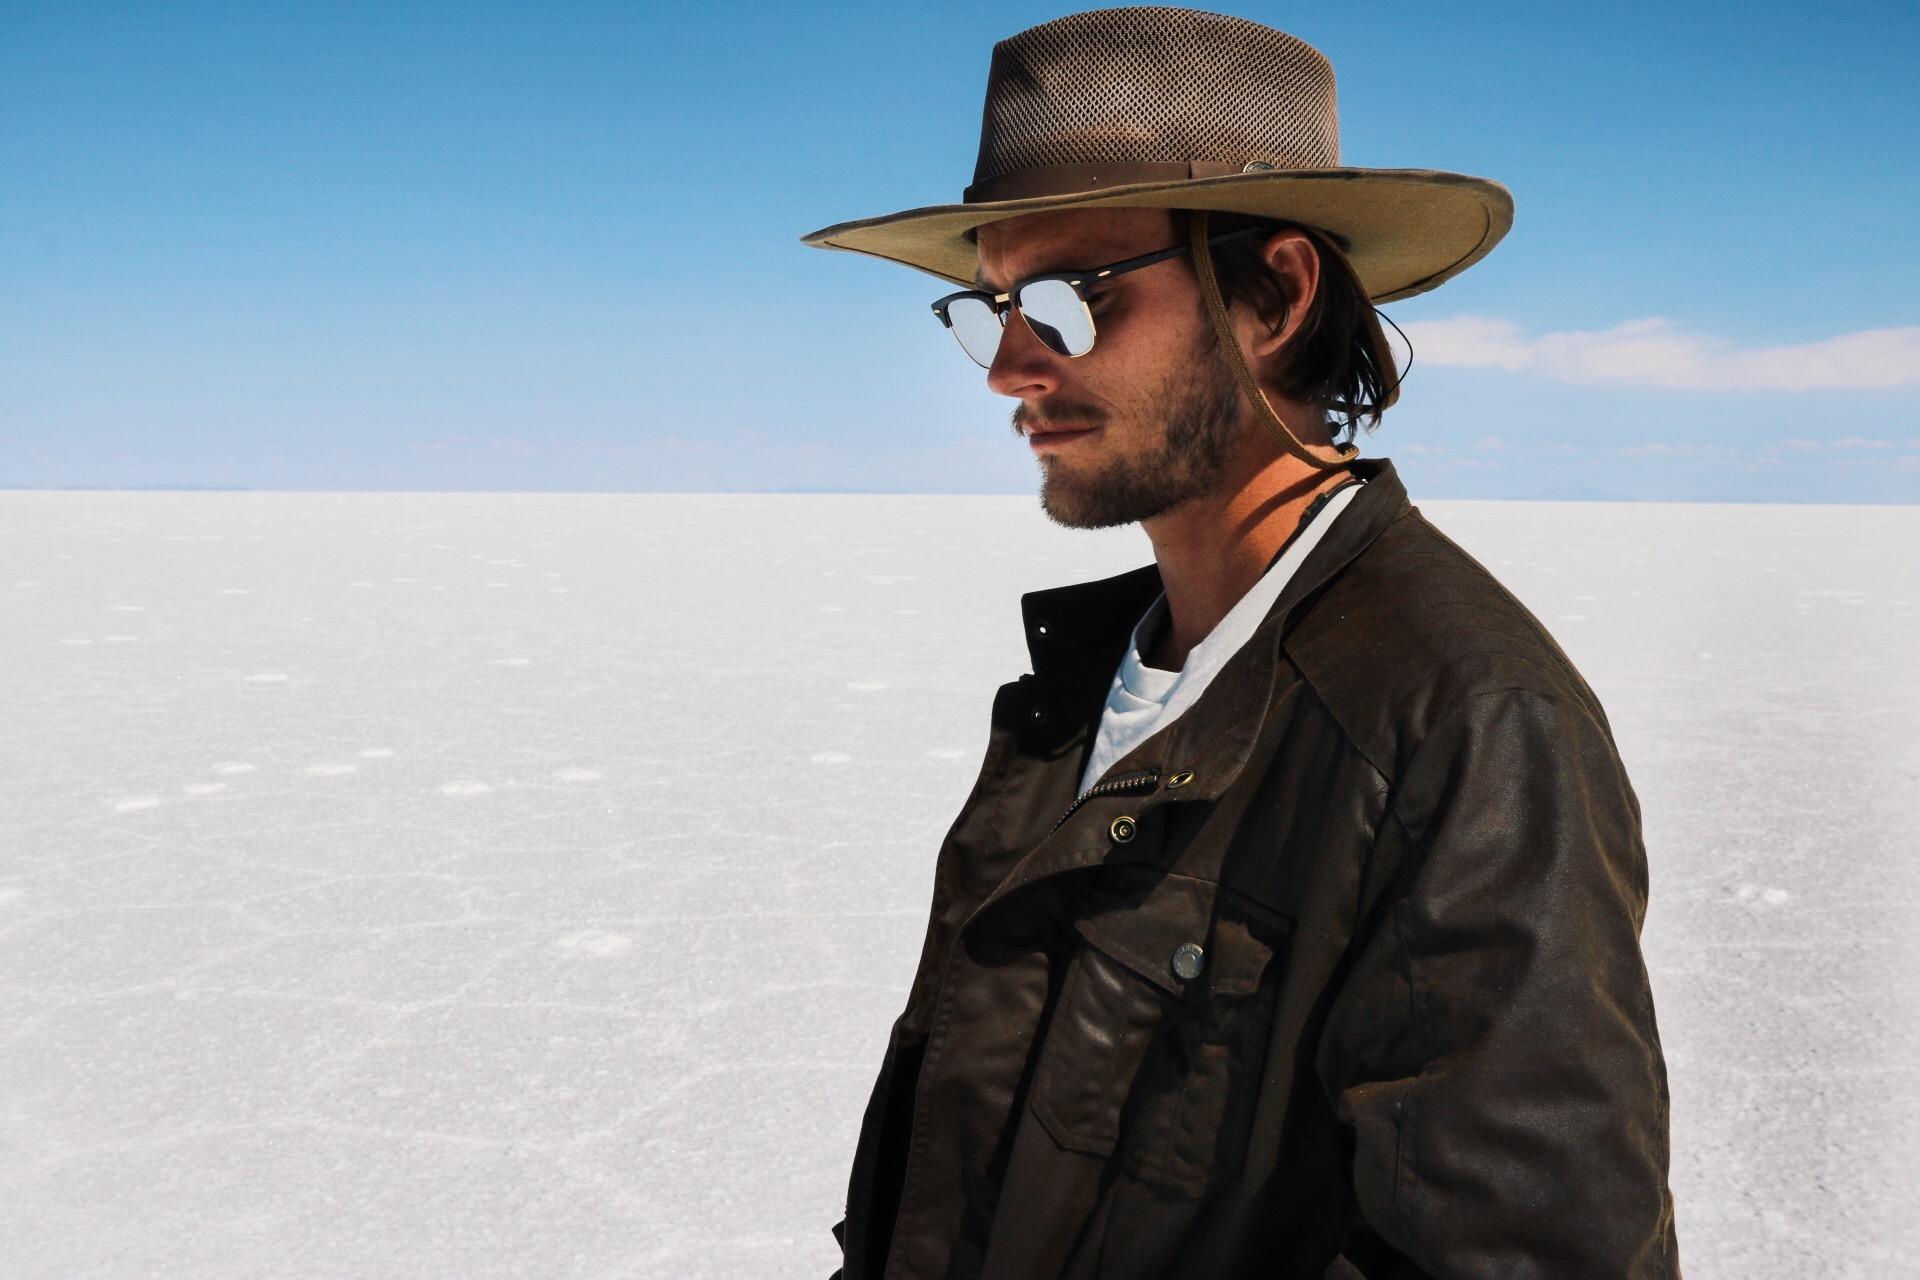 Trevor wearing  Outback Gear  in Salar de Uyuni.